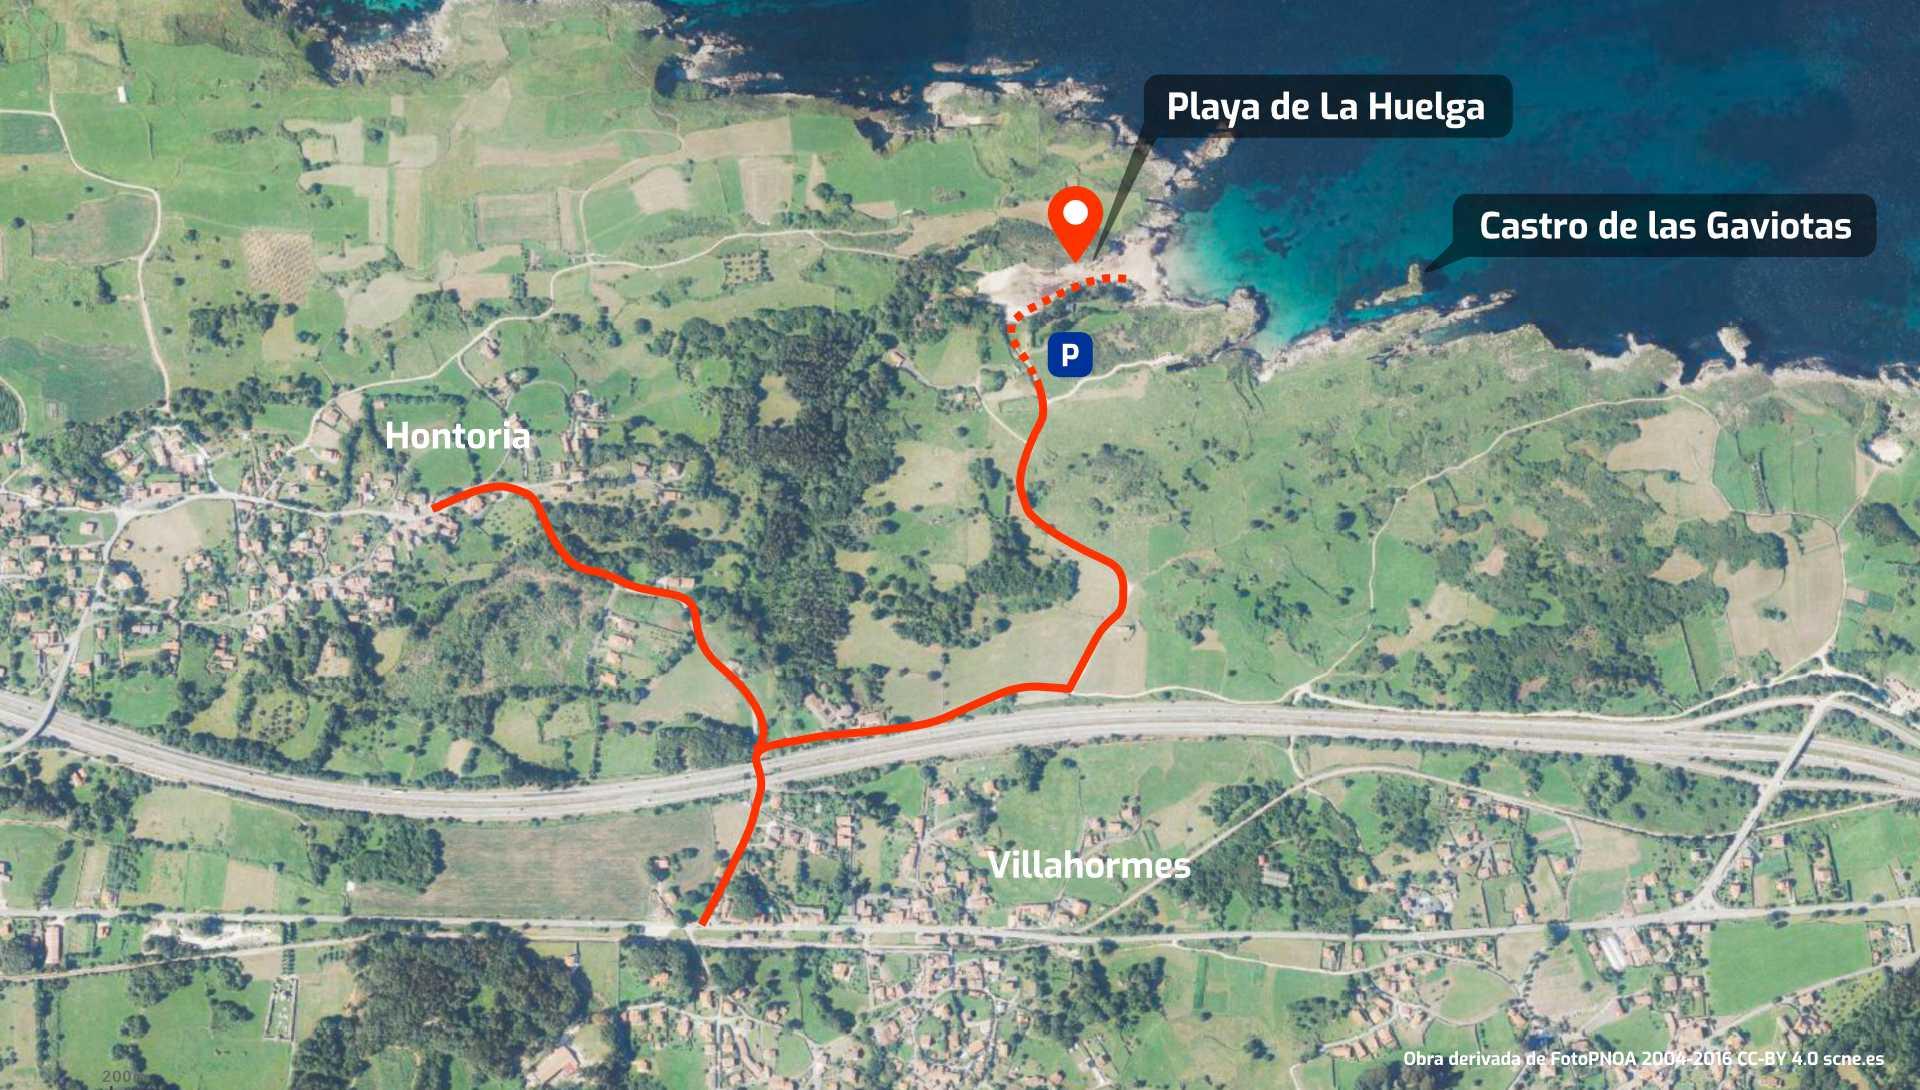 Mapa de cómo llegar a la Playa de La Huelga y al Castro de las Gaviotas, en Llanes, Asturias